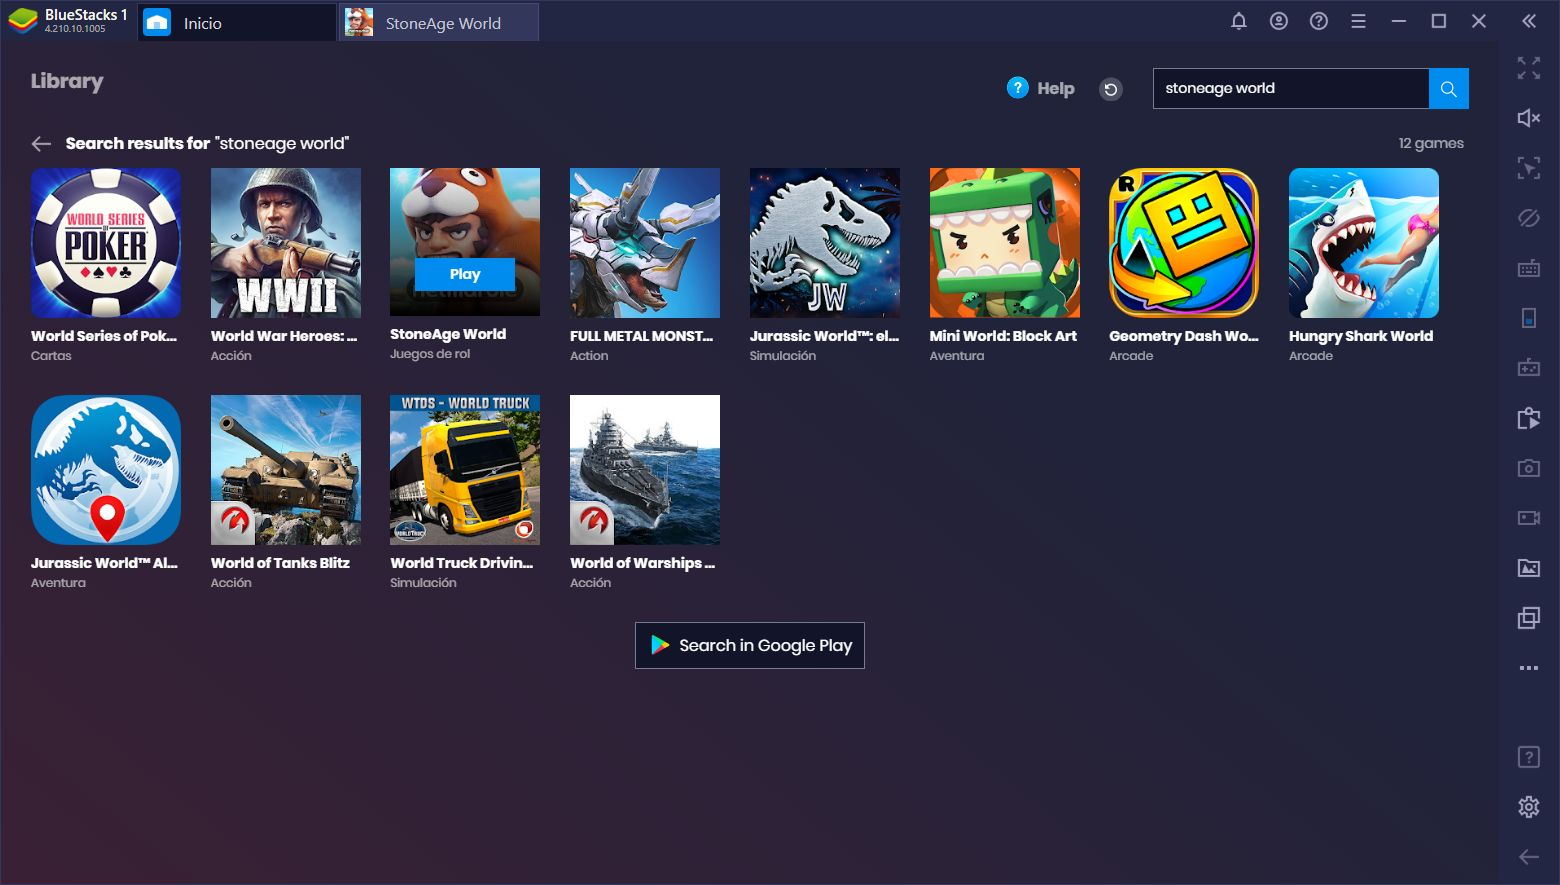 Cómo Jugar StoneAge World en PC con BlueStacks